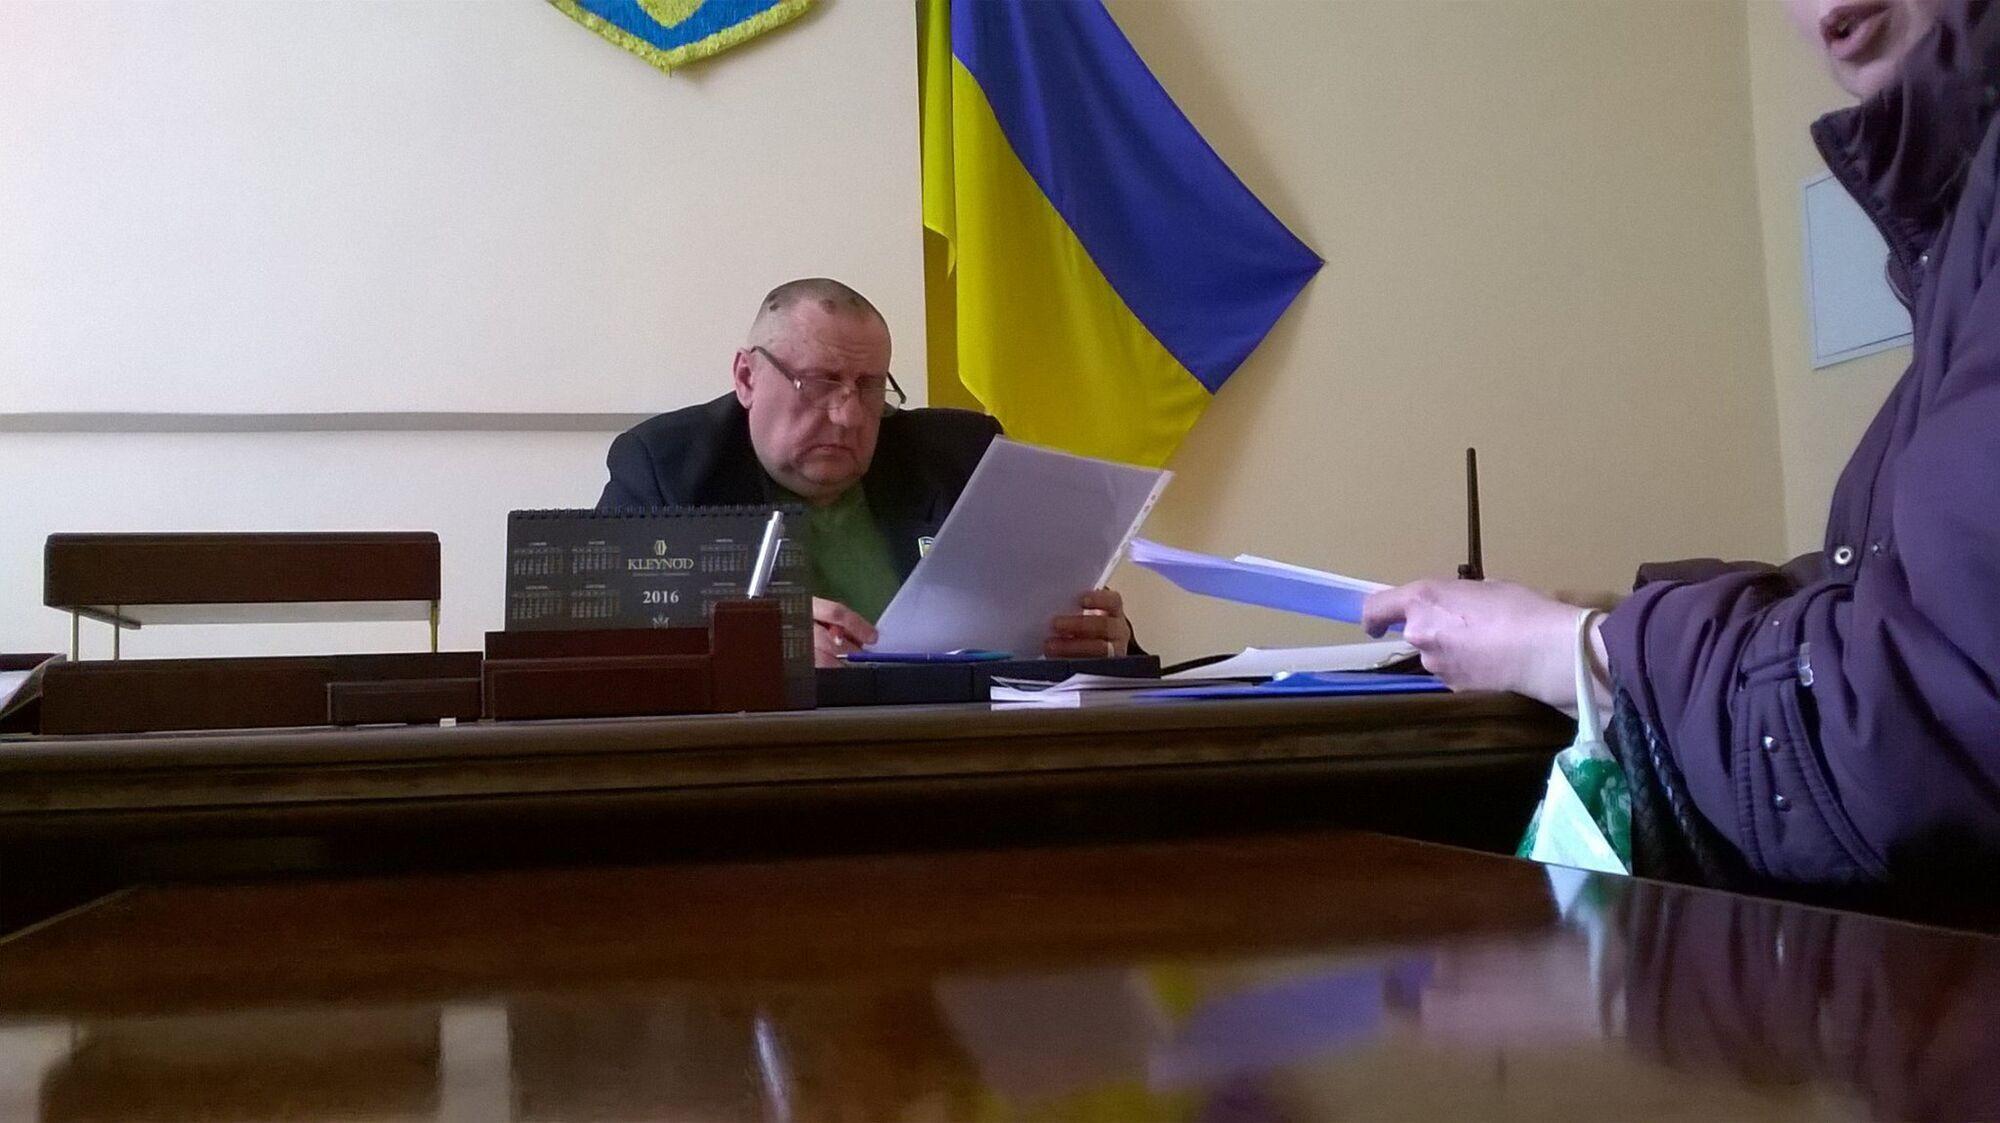 Ігор Ільків був депутатом Львівської облради